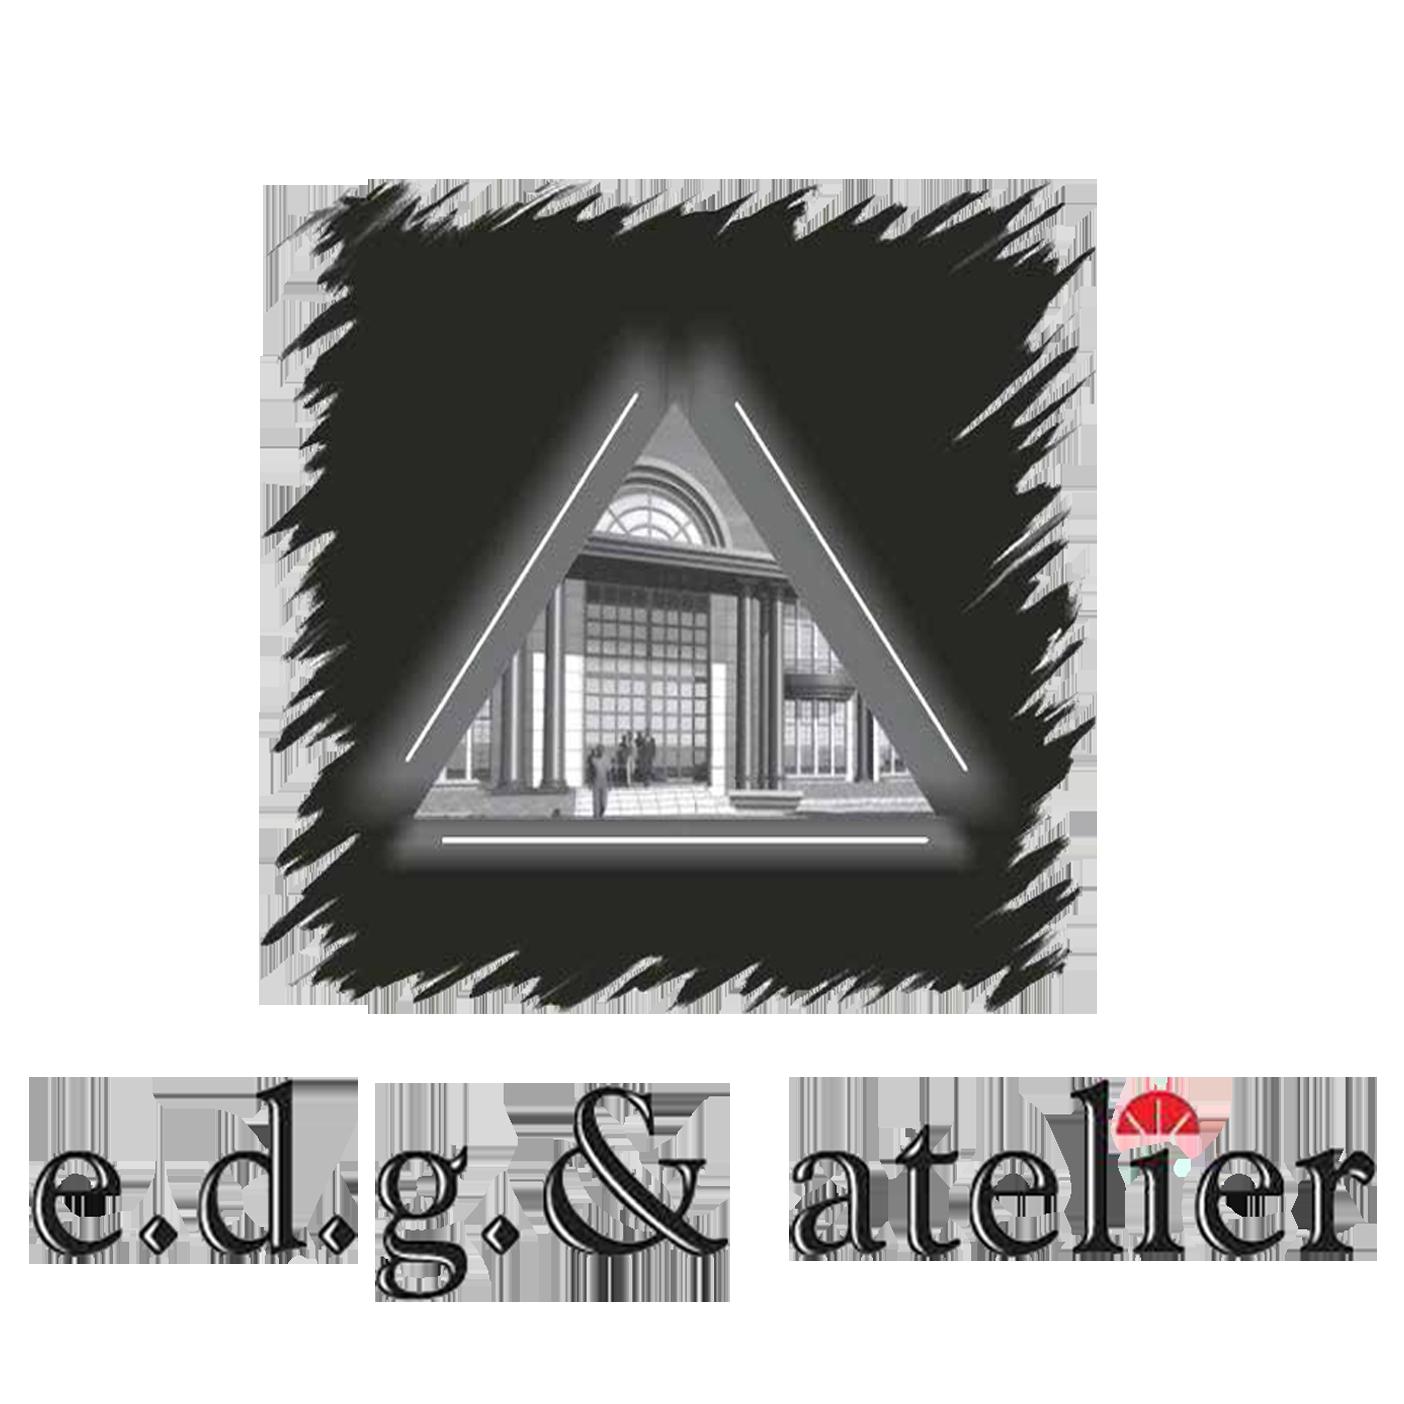 E.D.G. & Atelier Architects